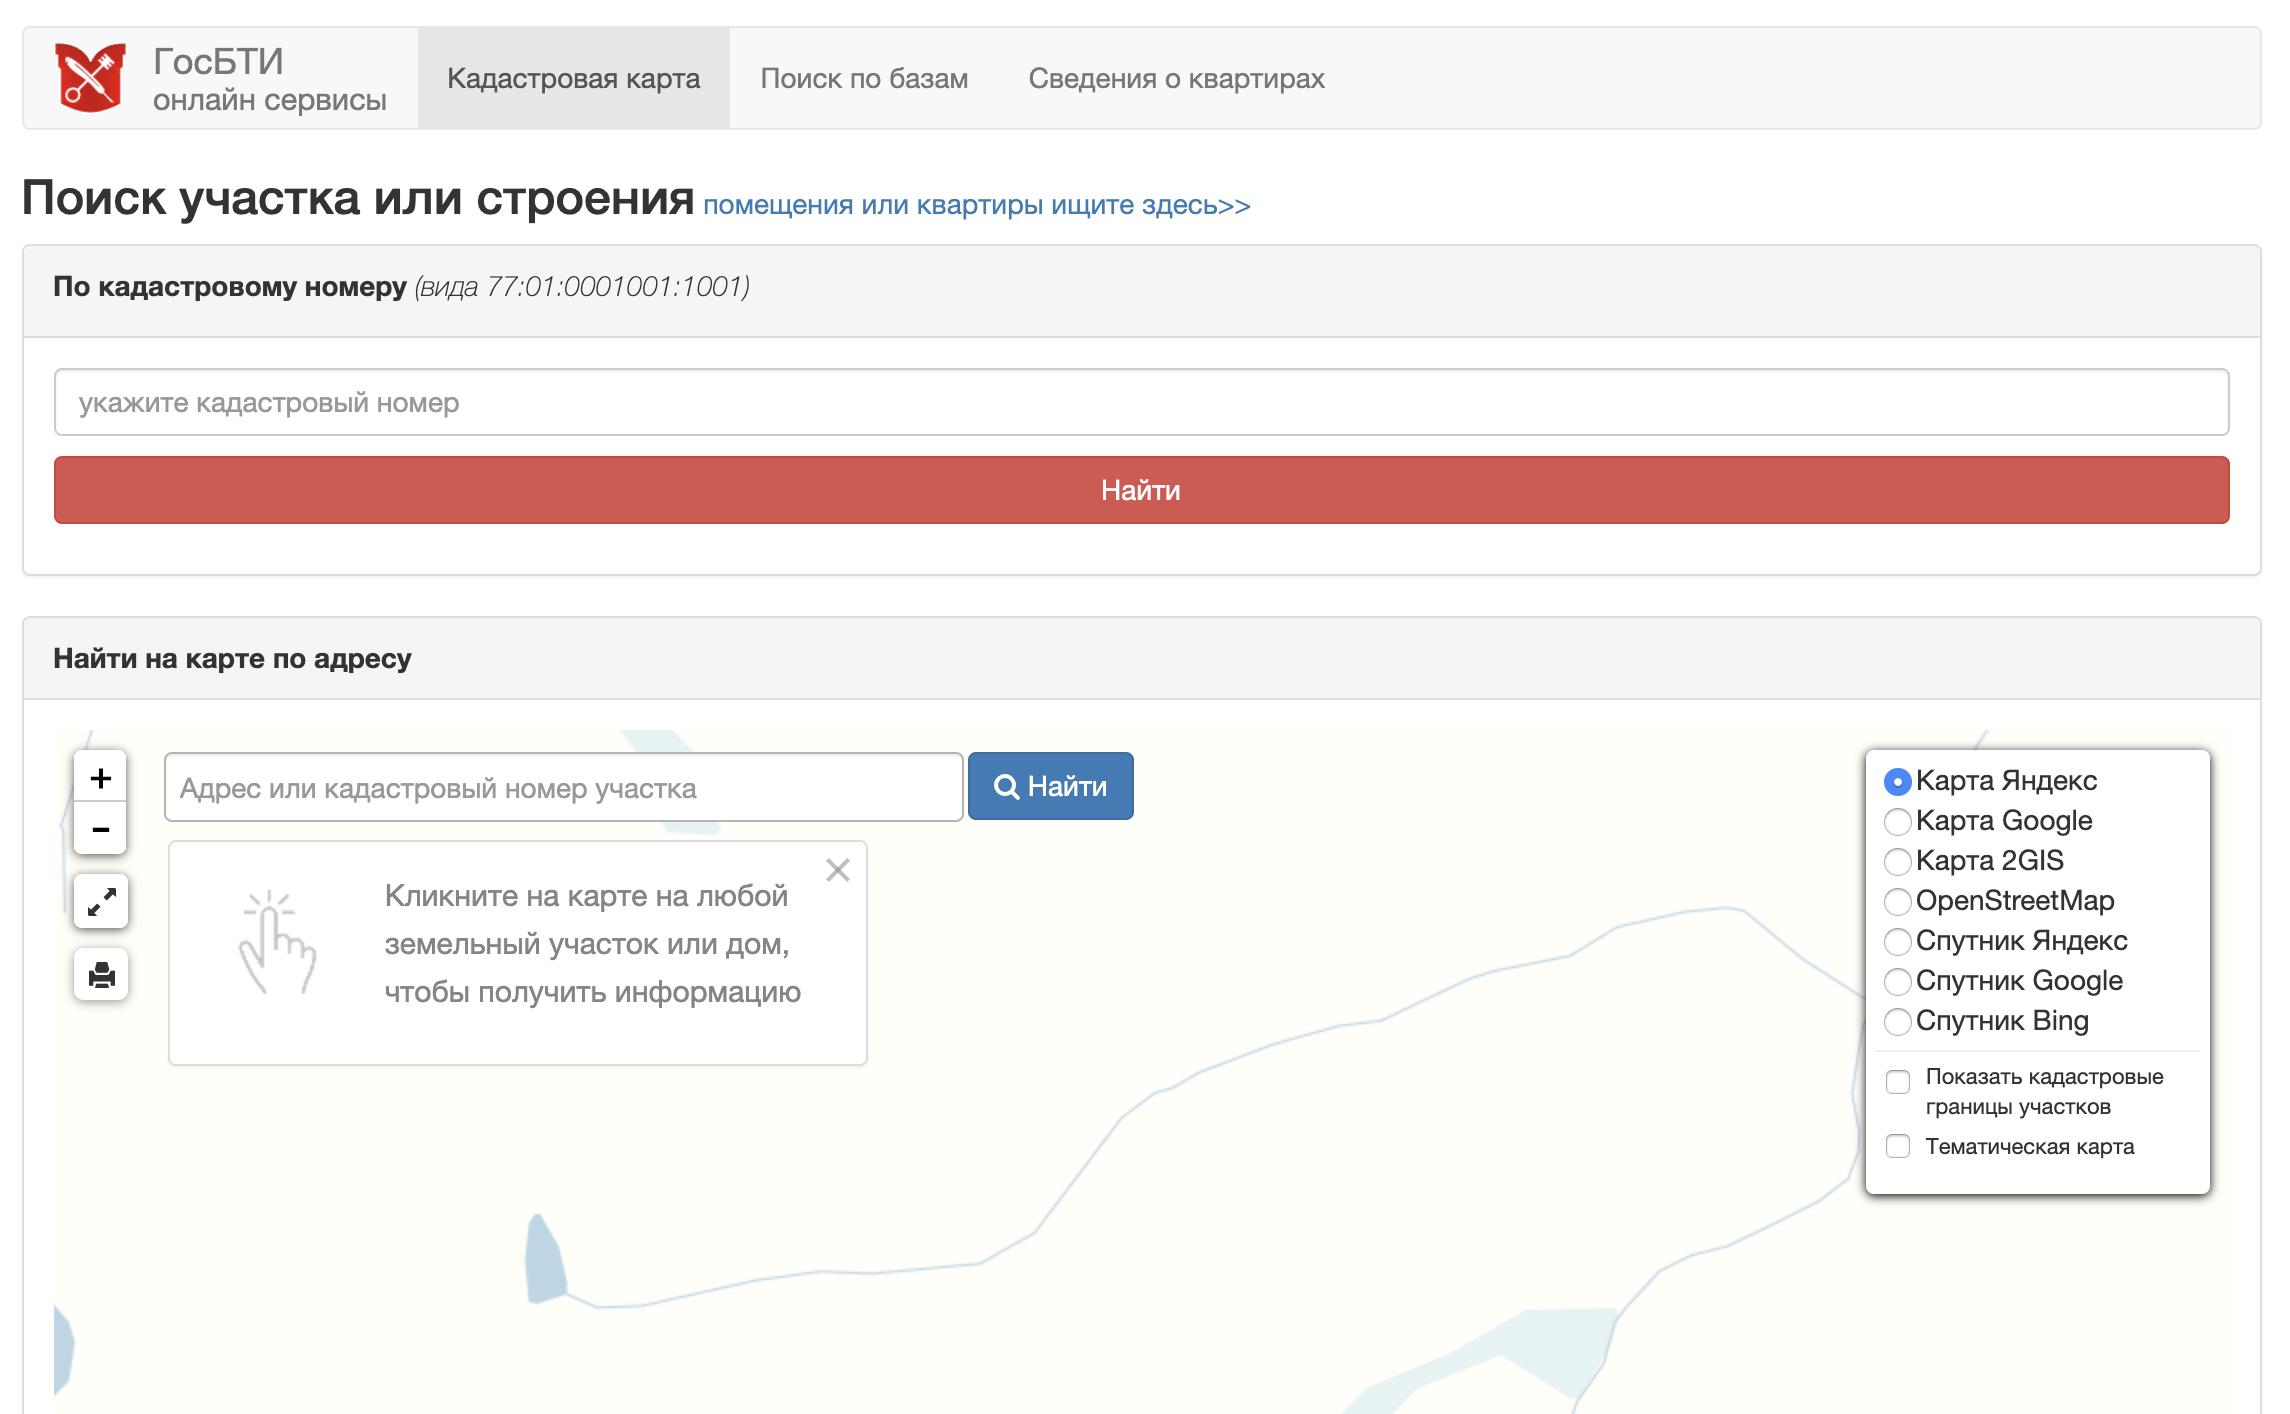 Онлайн сервис ГосБТИ